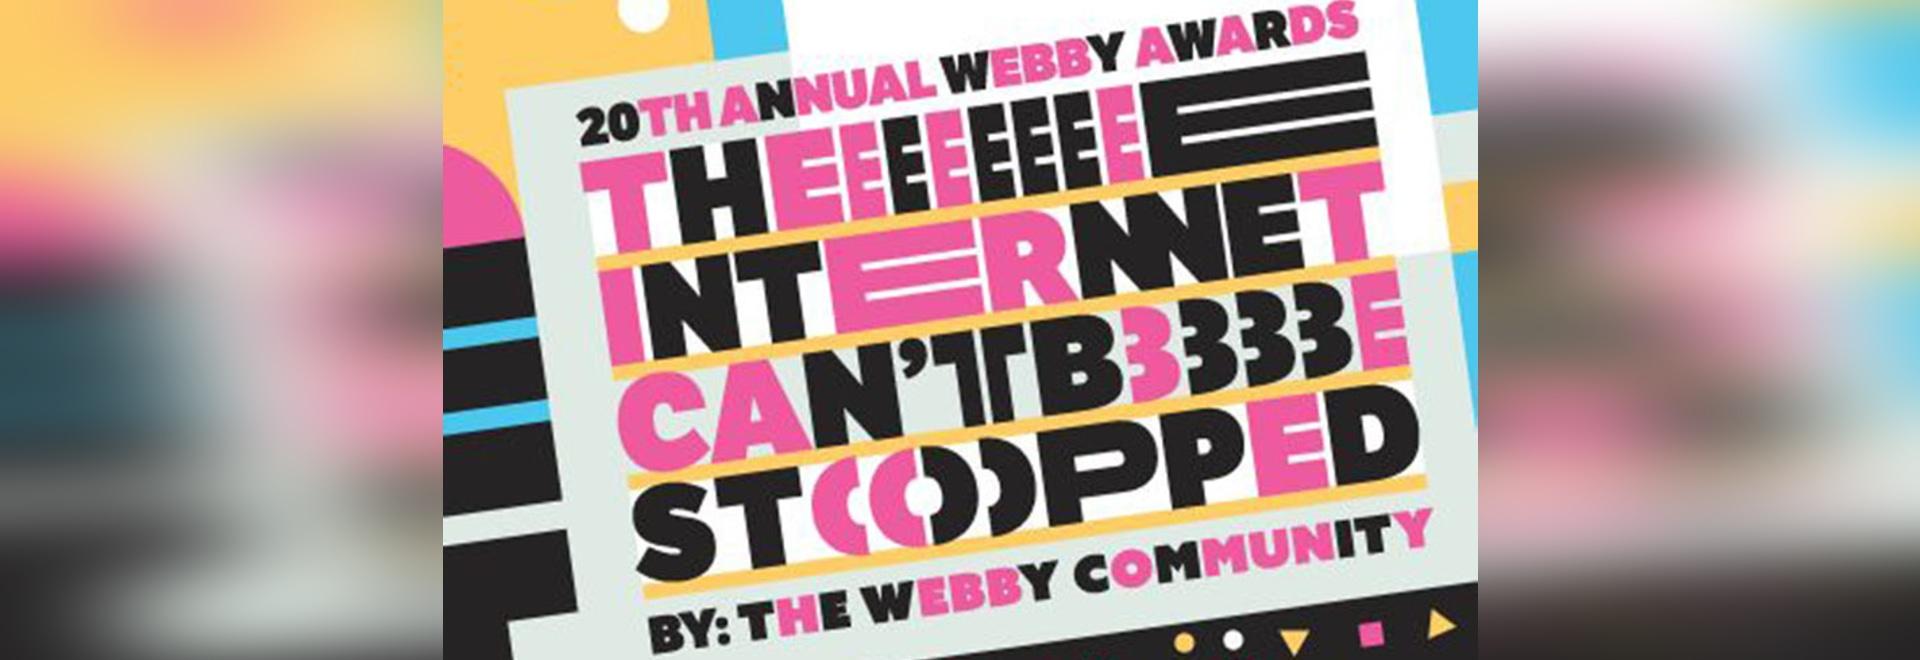 THE WEBBYS 2015